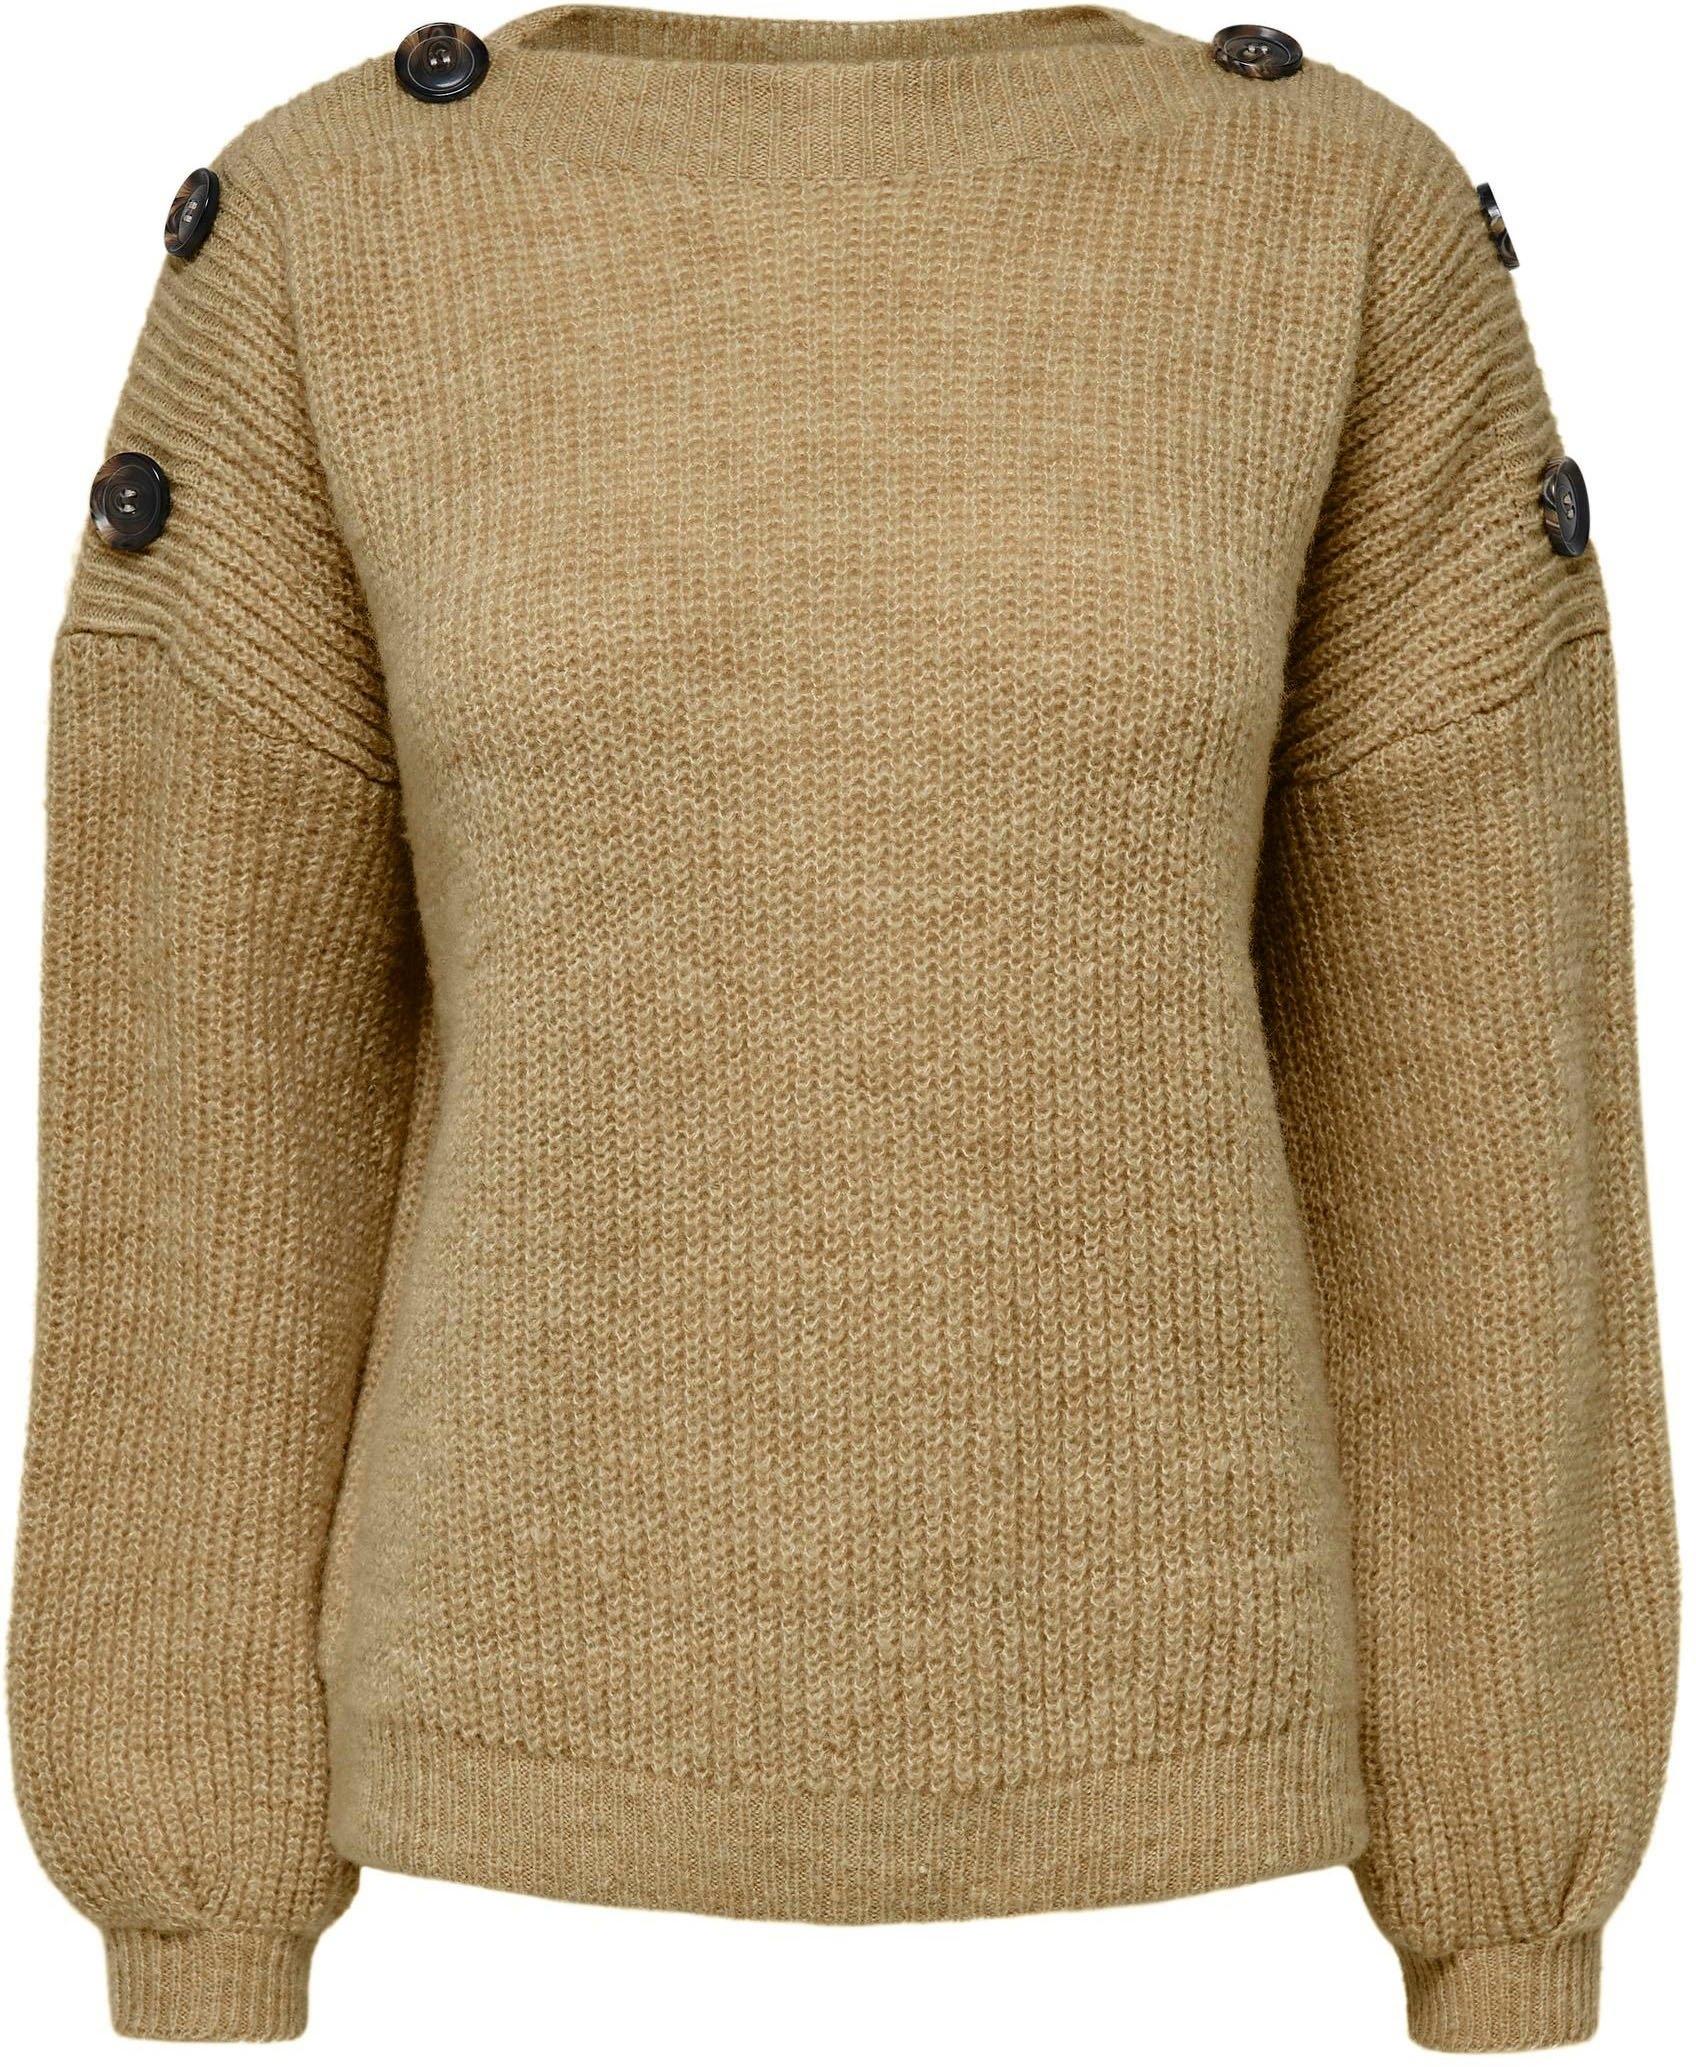 Op zoek naar een Only Gebreide trui ONLJADE L/S BUTTON met decoratieve knopen? Koop online bij OTTO